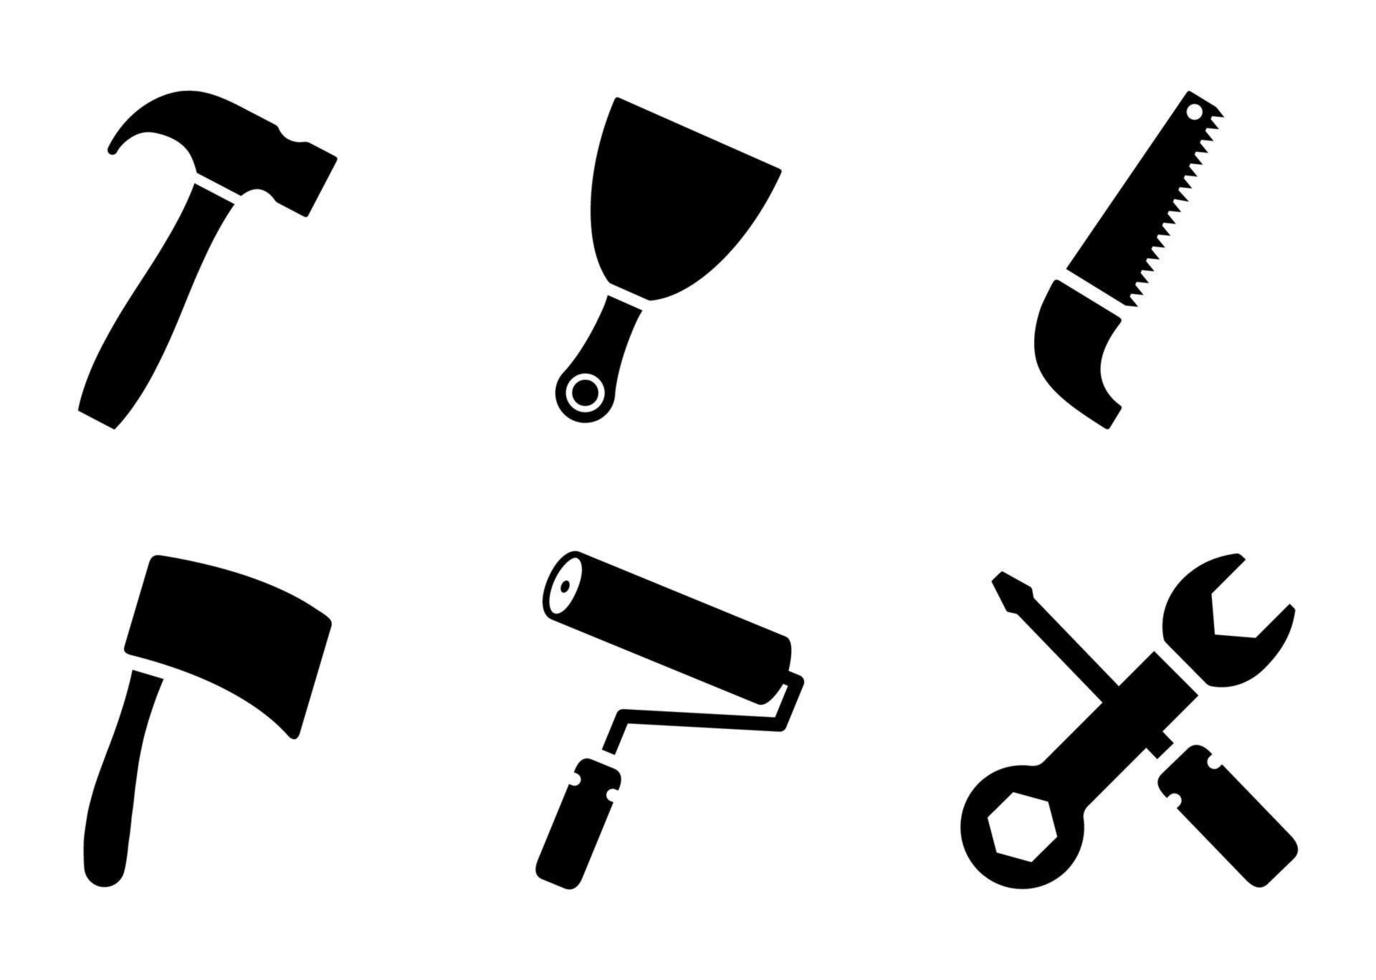 conjunto de ícones de ferramentas - ilustração vetorial. vetor